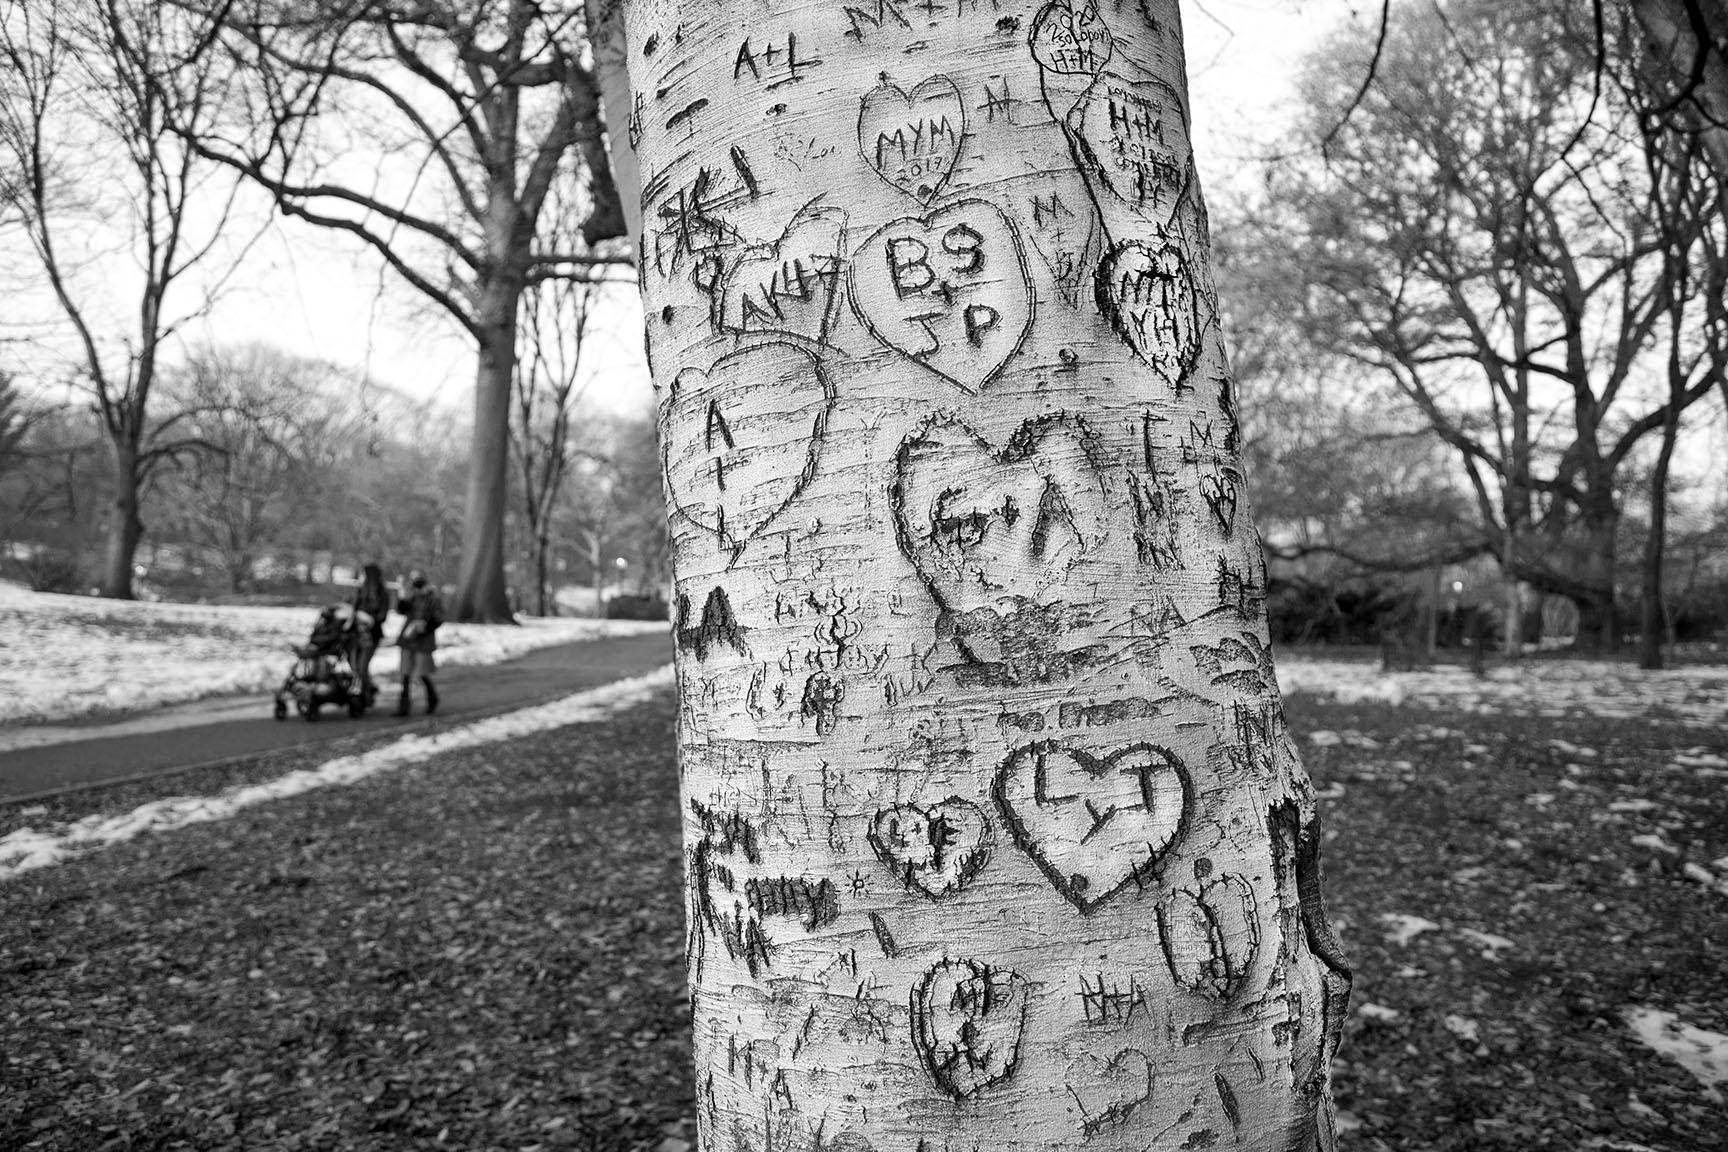 08_Tattoo Tree_7049-BLOG